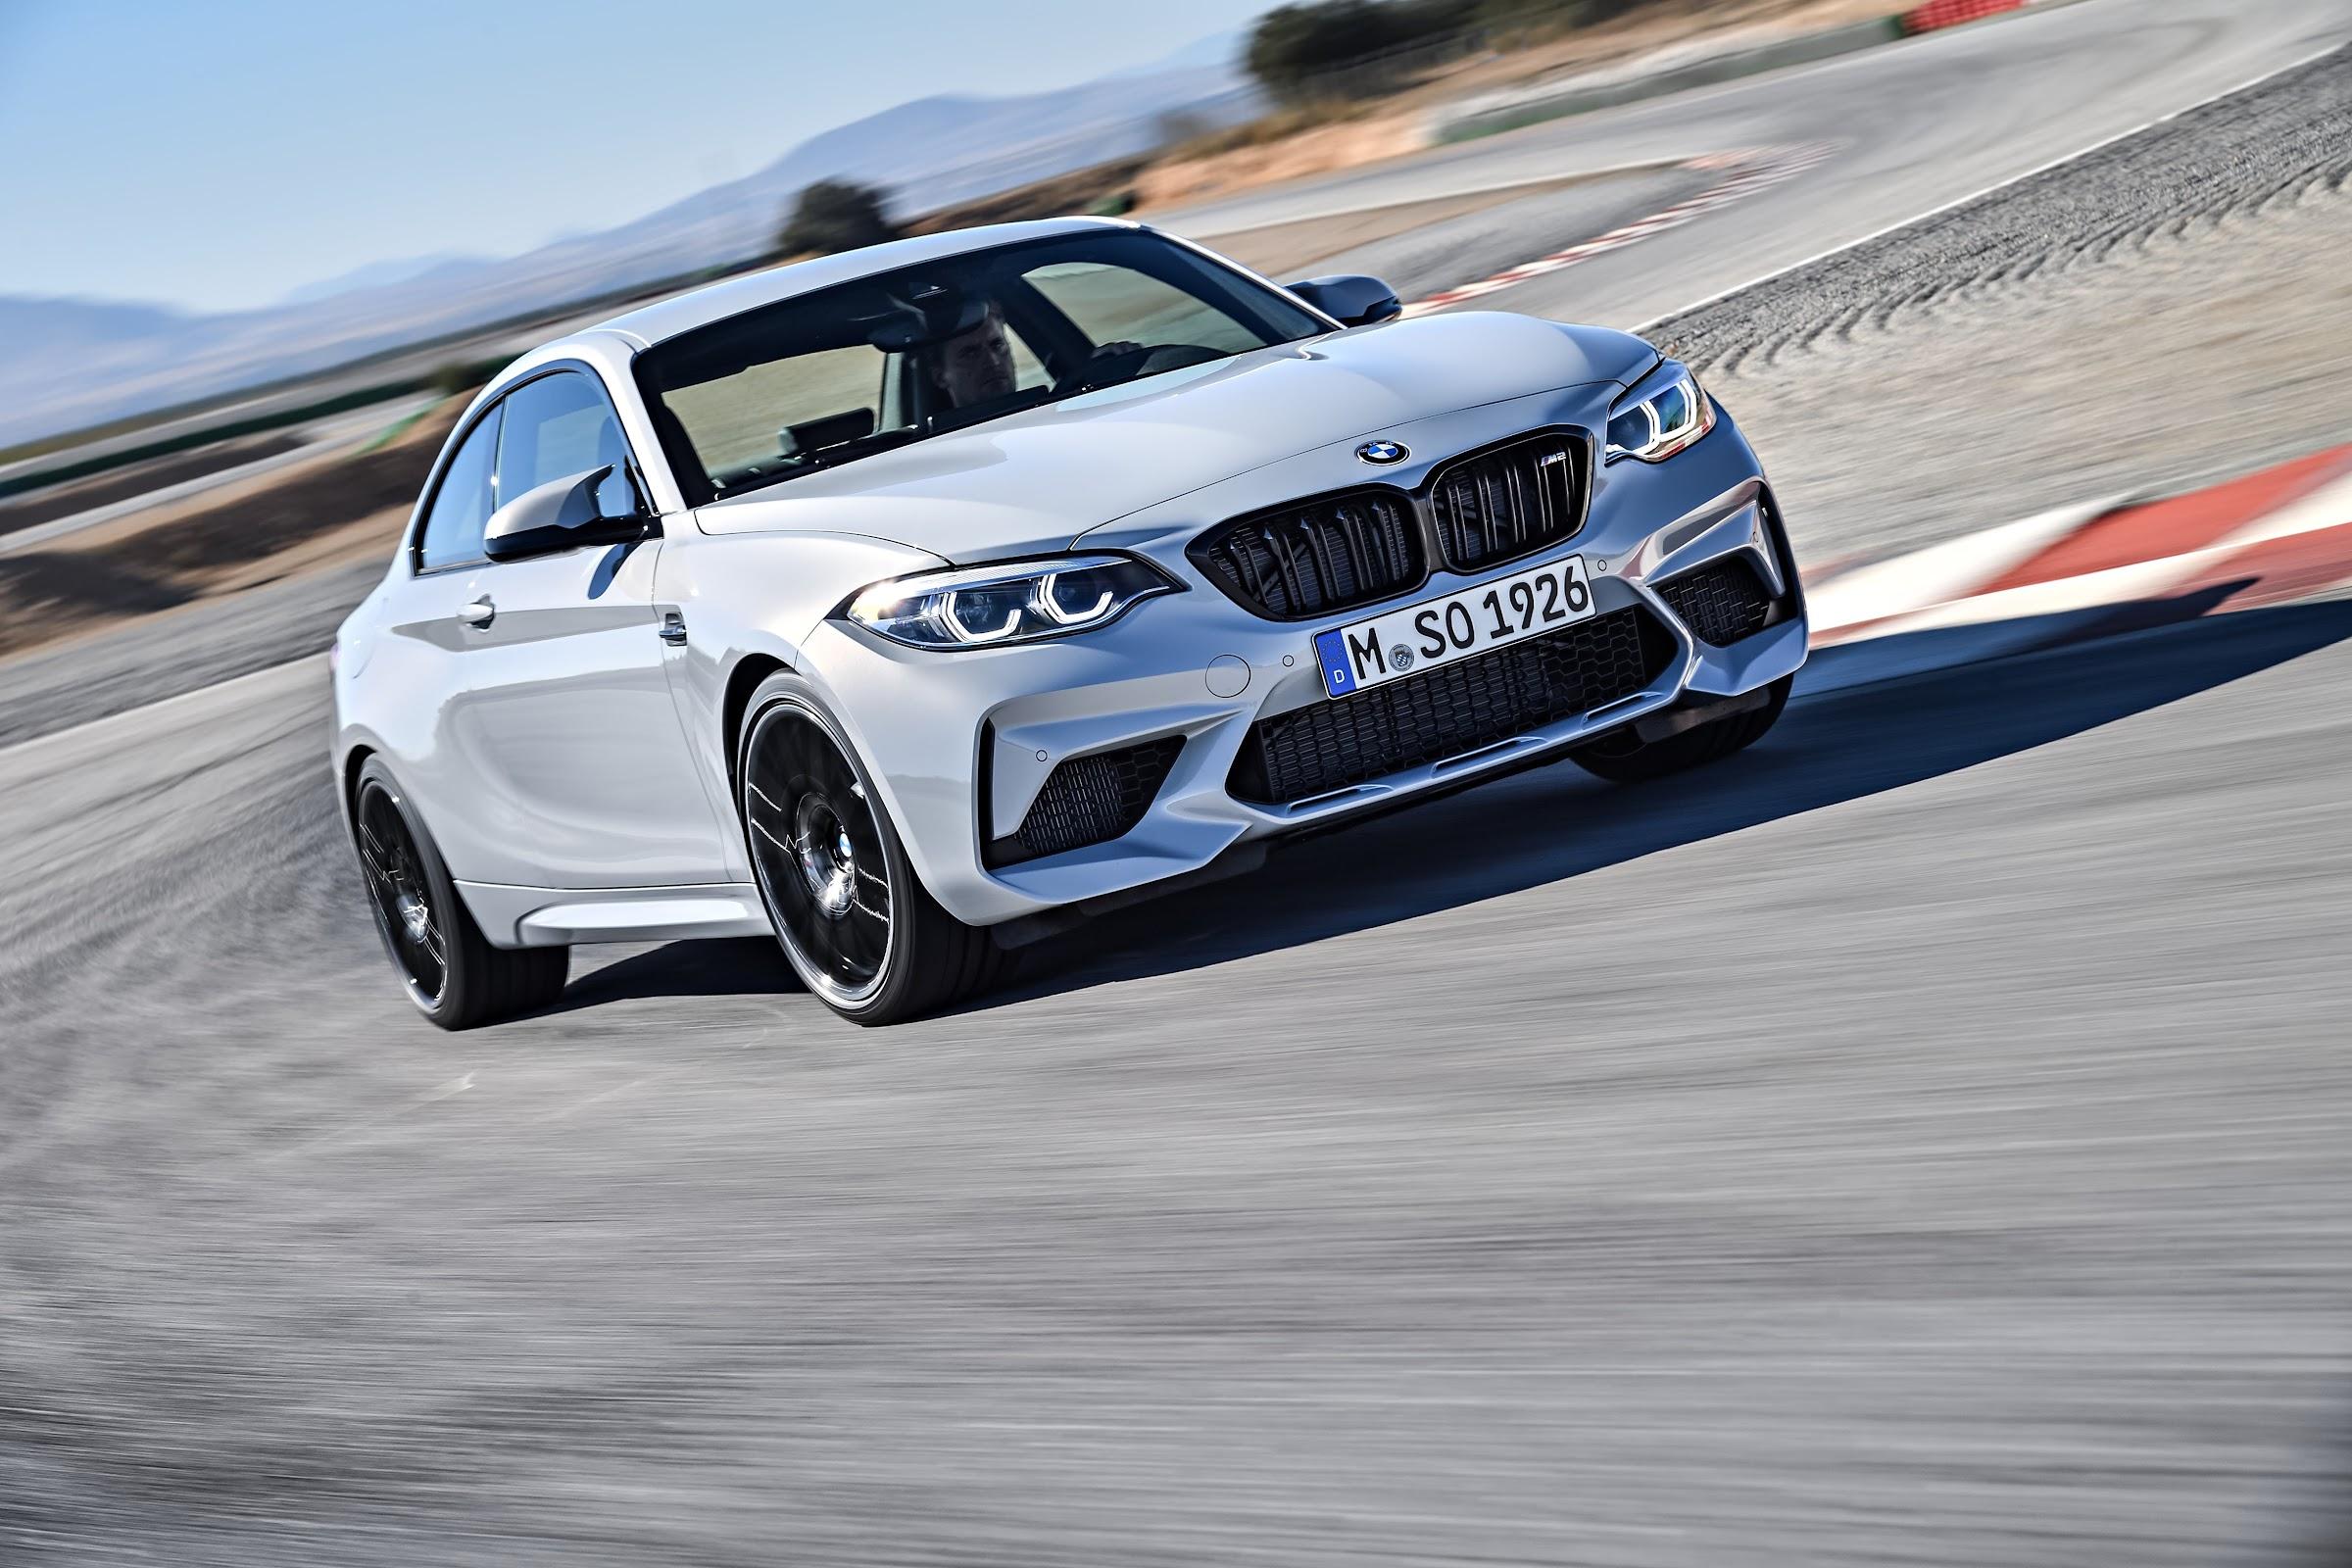 52Mqp1gYzC3X9gILnXHLC8t7eByBj WxNO0AePyQq8U46riiSF2pu1JWfXR5tzZiz3LMmaoTgkiwKM2rBQejm5ESqGmFI7muSlyG4jW7XF9qeZa8K5InWVY13jfwx85k7kqgMo Zfw=w2400 - Galería fotográfica: BMW M2 Competition